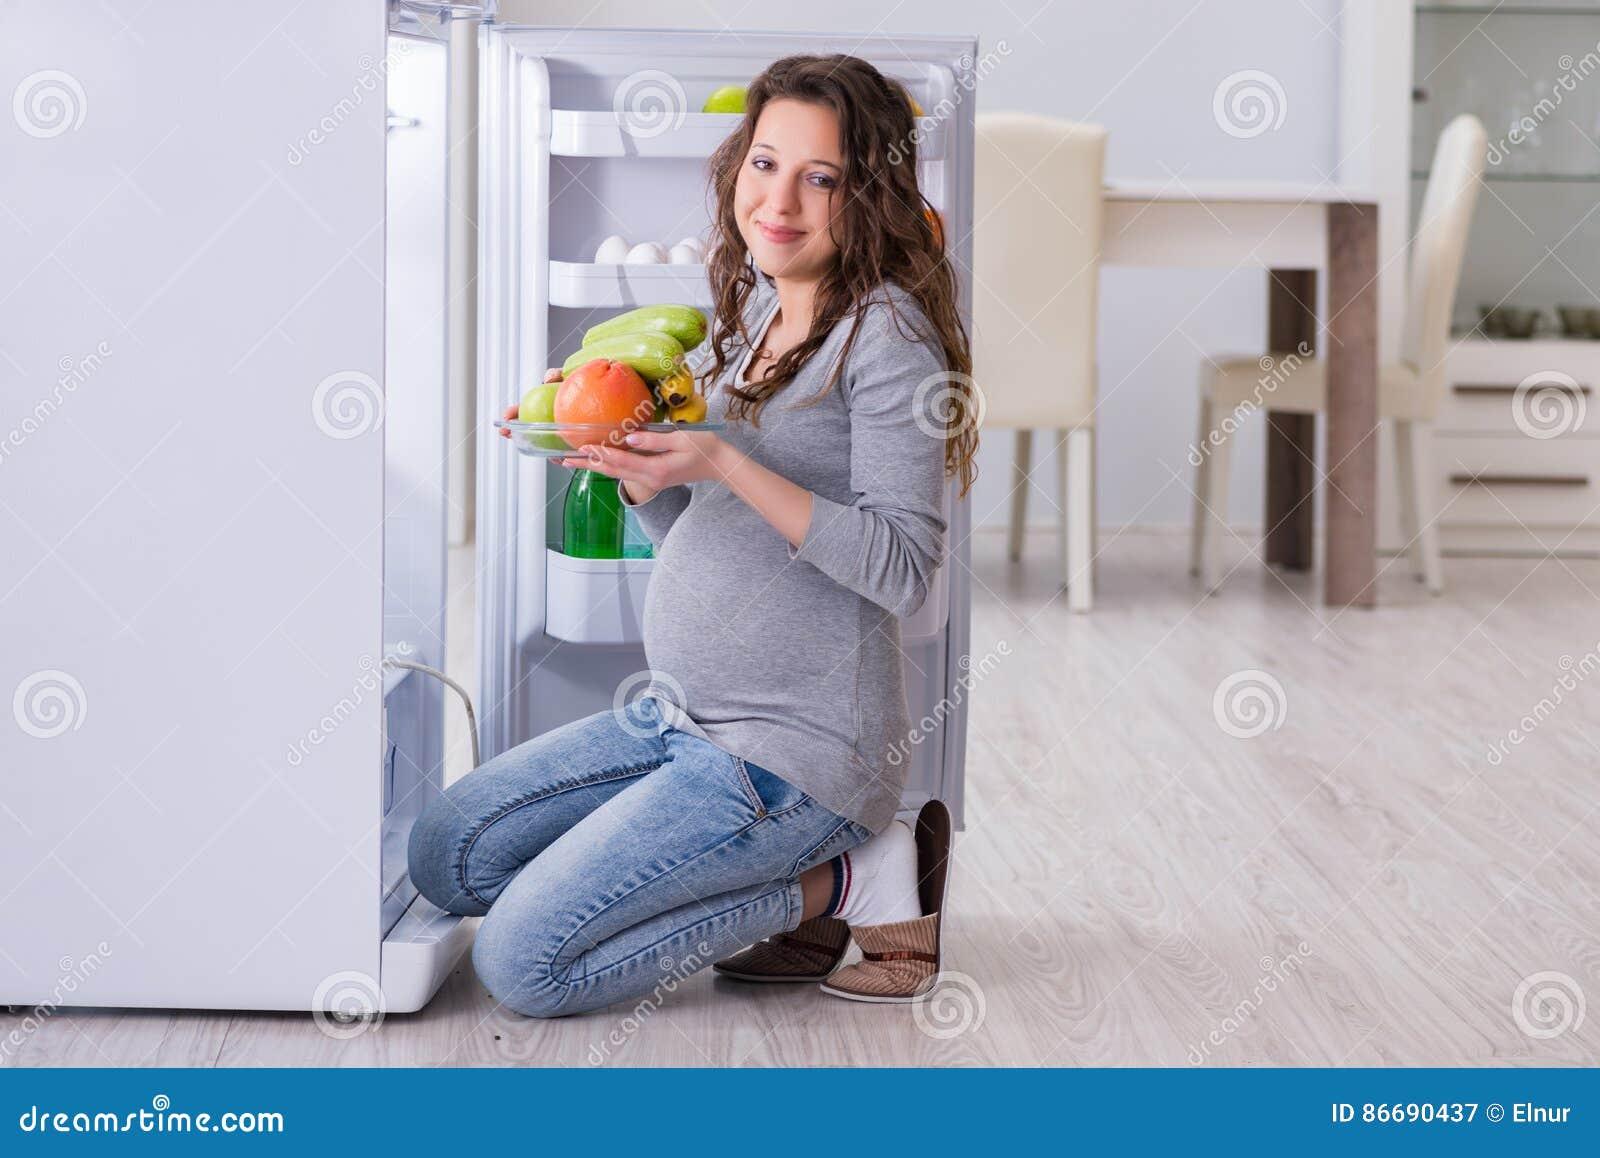 Беременная женщина около холодильника ища еда и закуски